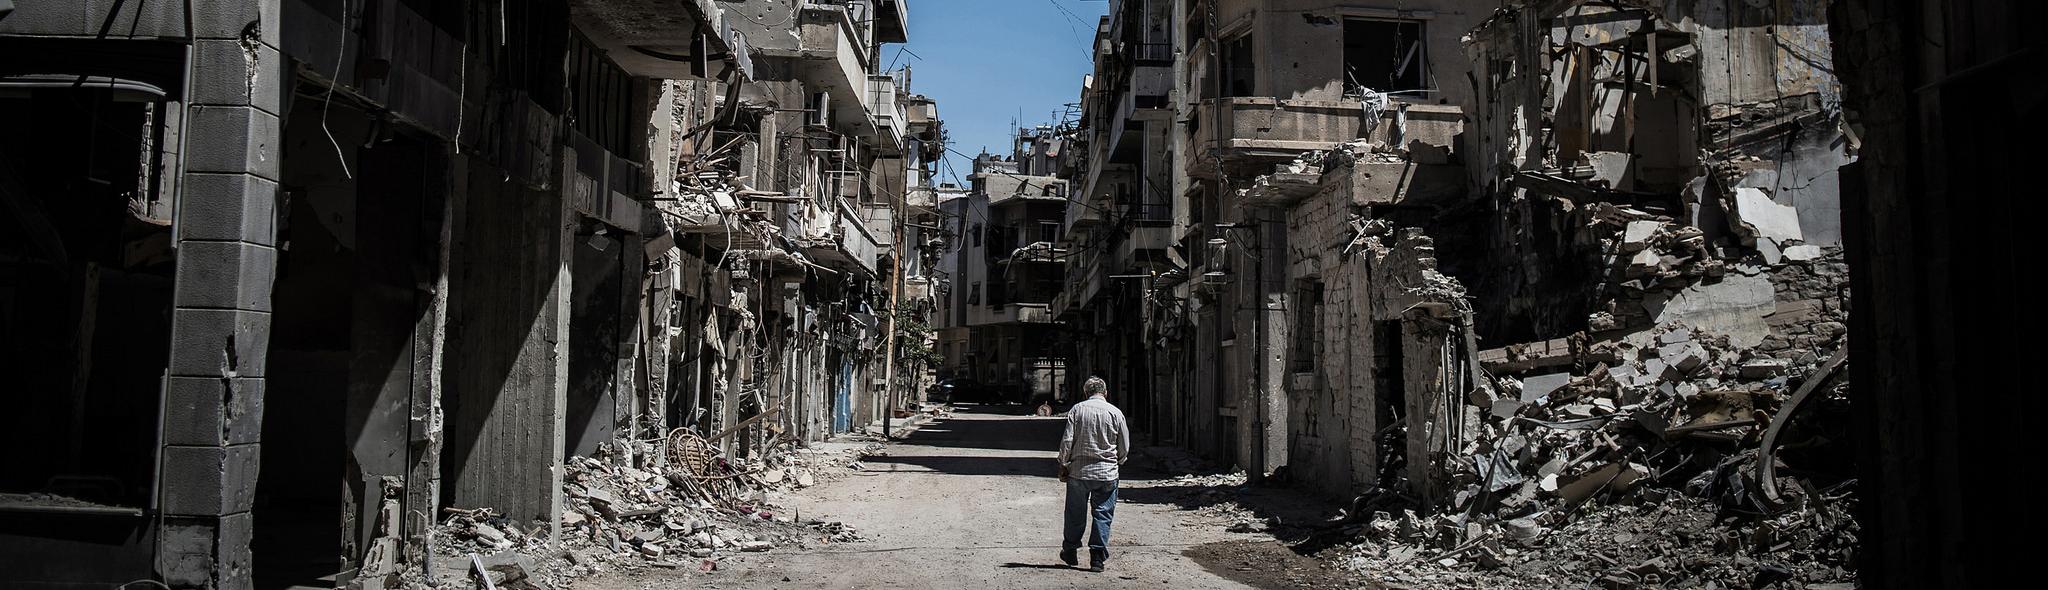 Destruction of Homs, SyriaBANNER